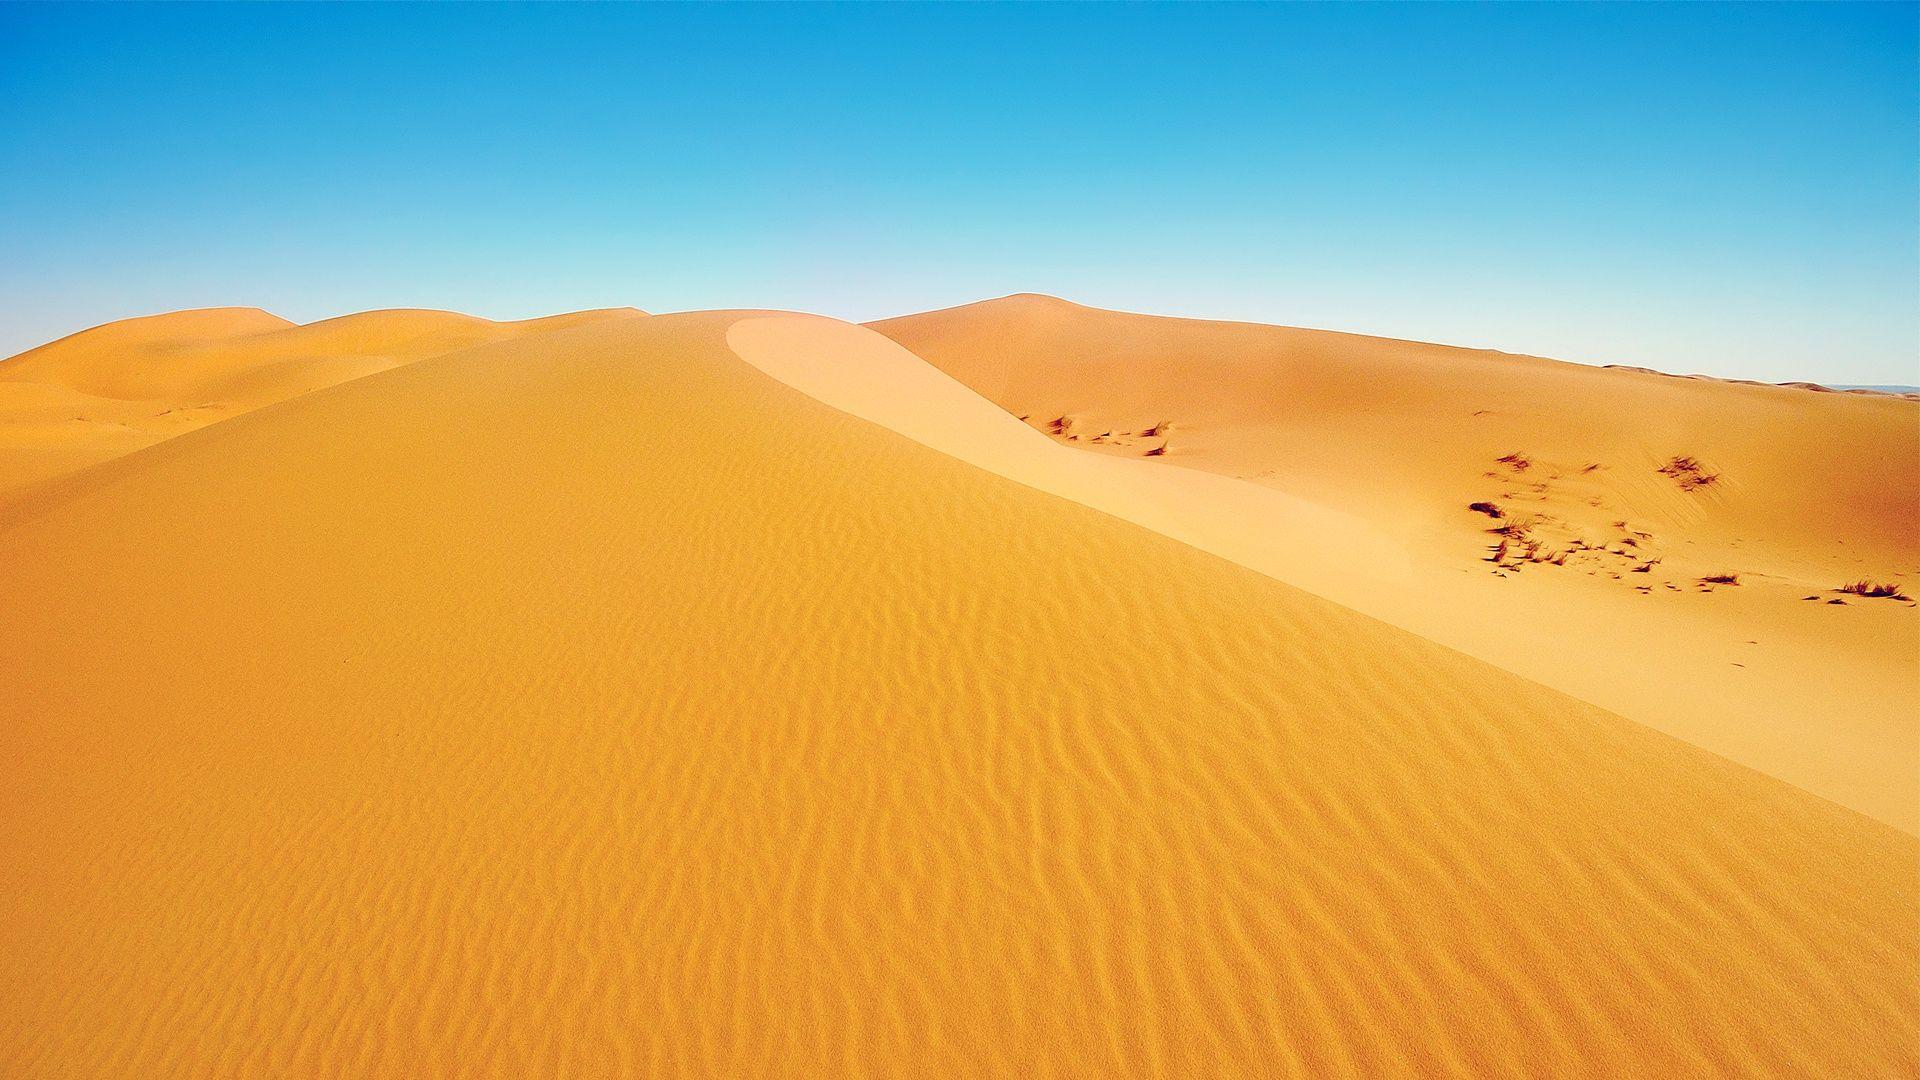 desertpictures